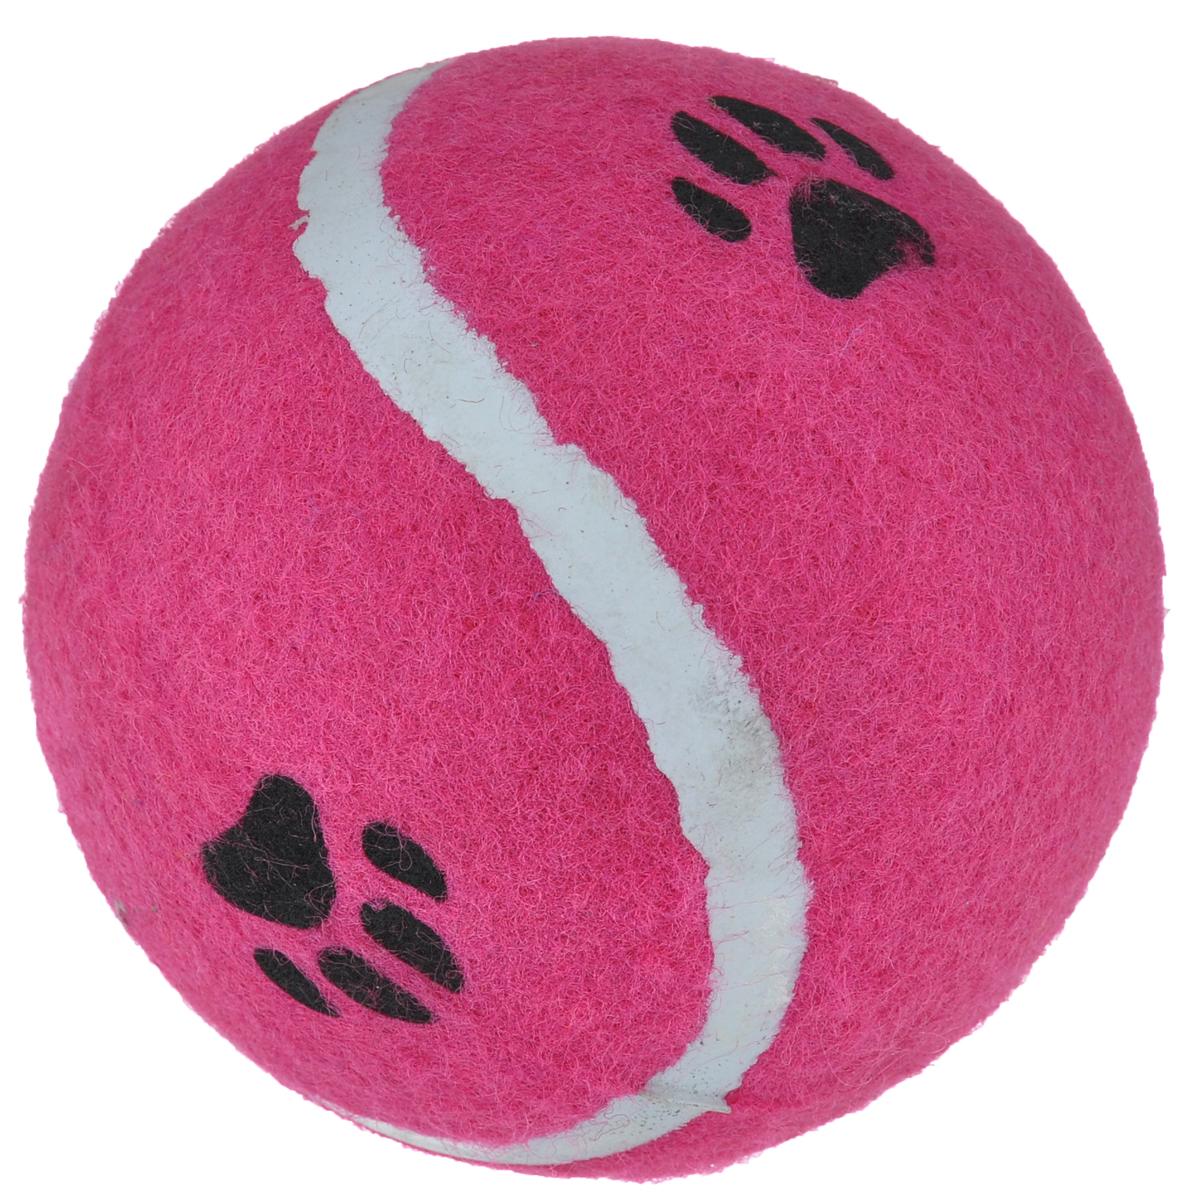 Игрушка для собак I.P.T.S. Мячик теннисный с отпечатками лап, цвет: розовый, диаметр 10 см16211/625596_розовыйИгрушка для собак I.P.T.S. Мячик теннисный с отпечатками лап изготовлена из прочной цветной резины с ворсистой поверхностью в виде реального теннисного мяча с отпечатками лап. Предназначена для игр с собакой любого возраста. Такая игрушка привлечет внимание вашего любимца и не оставит его равнодушным. Диаметр: 10 см.